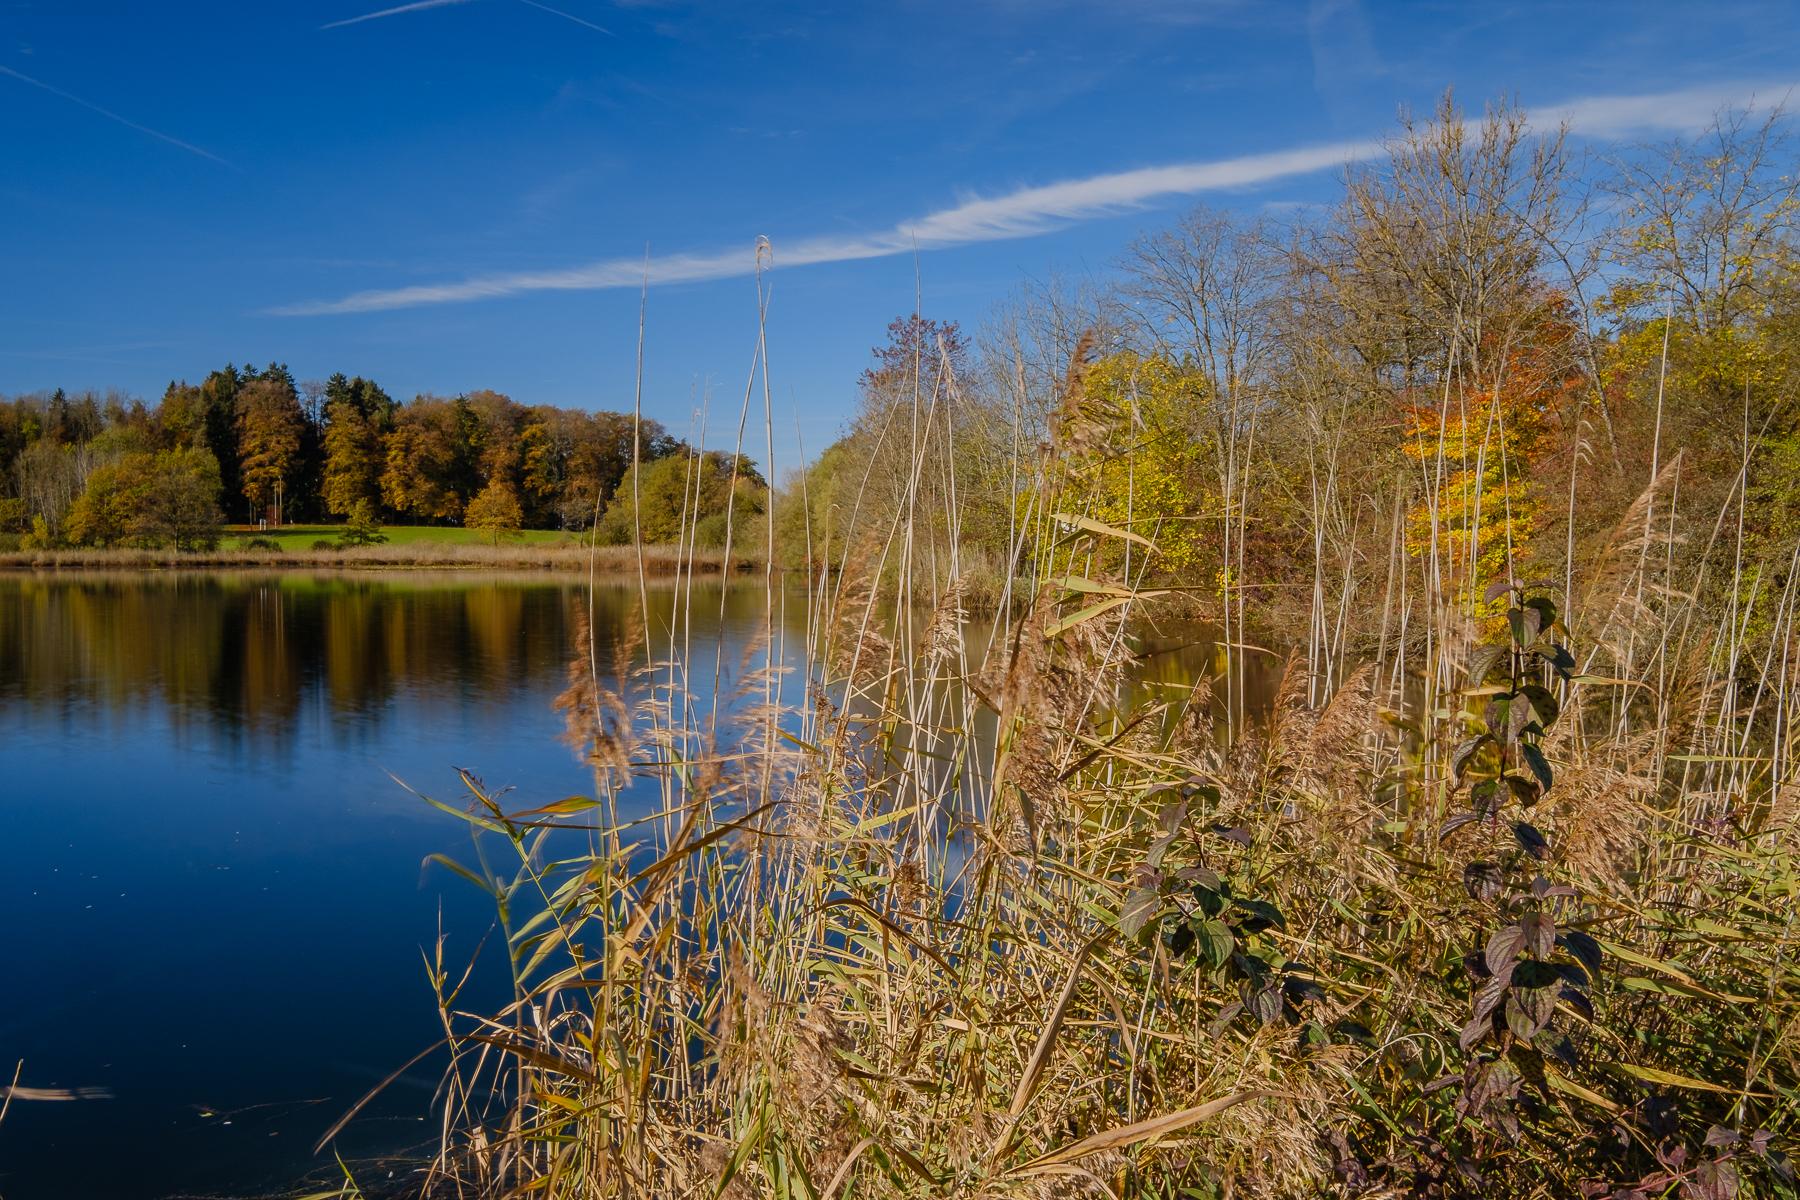 Brauiweiher bei Weisslingen und Girenbad bei Hinwil - Hans-Peter Breiter - www.zeitbilder.ch